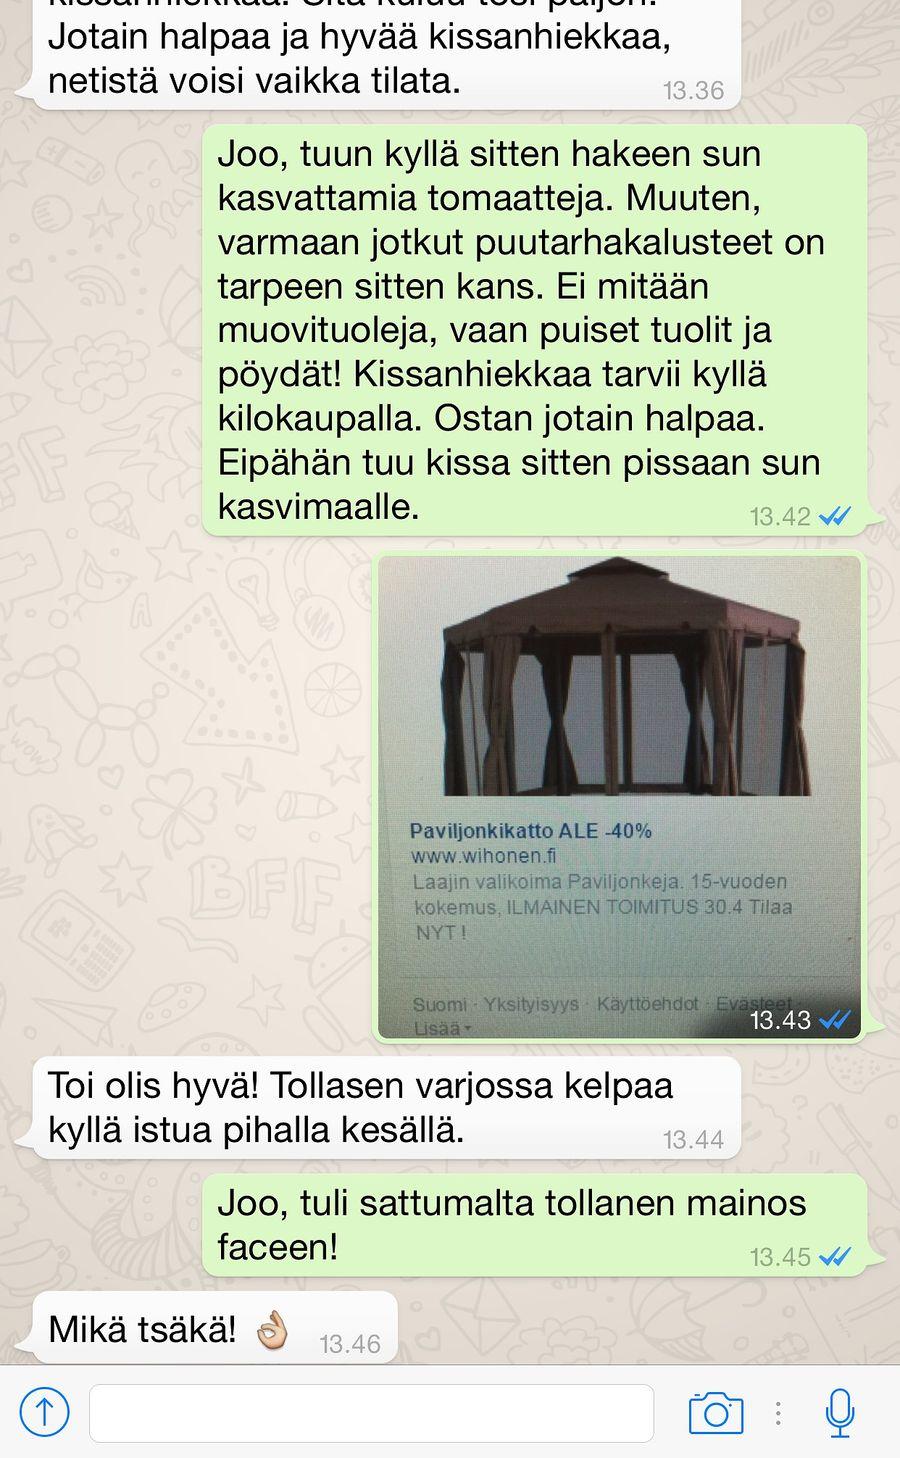 Puutarhapaviljongin mainos ilmestyi Facebookiin nopeasti.